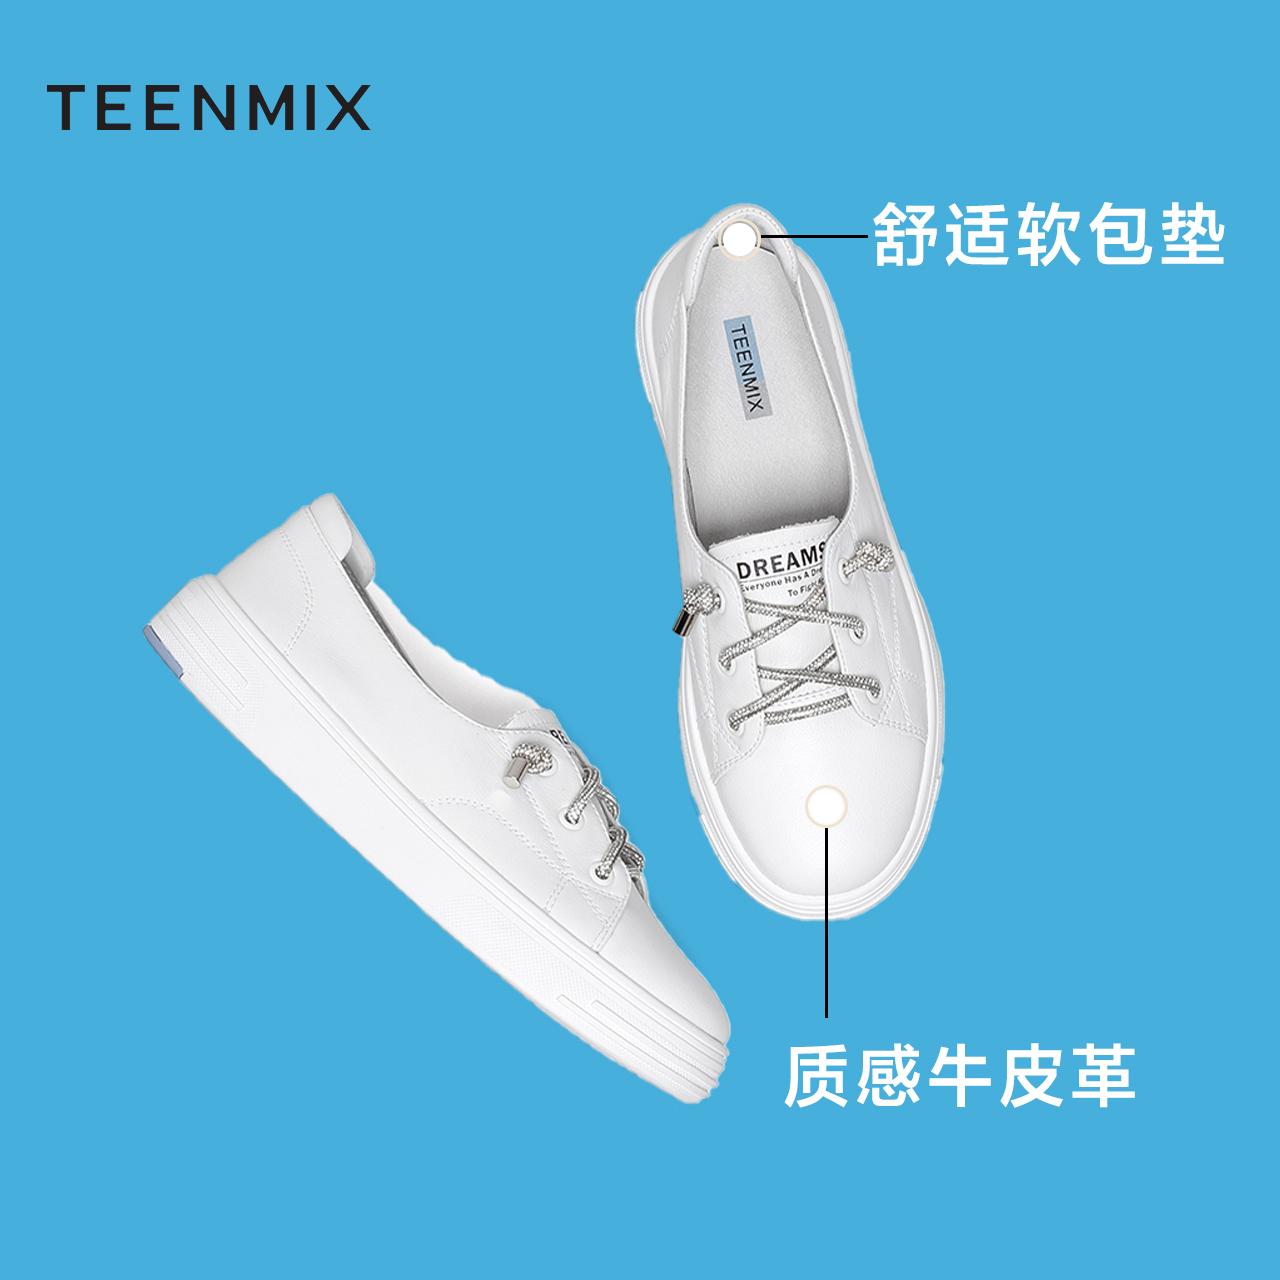 秋新款商场同款免系带小白浅口鞋 2021 天美意休闲板鞋女平底低帮鞋